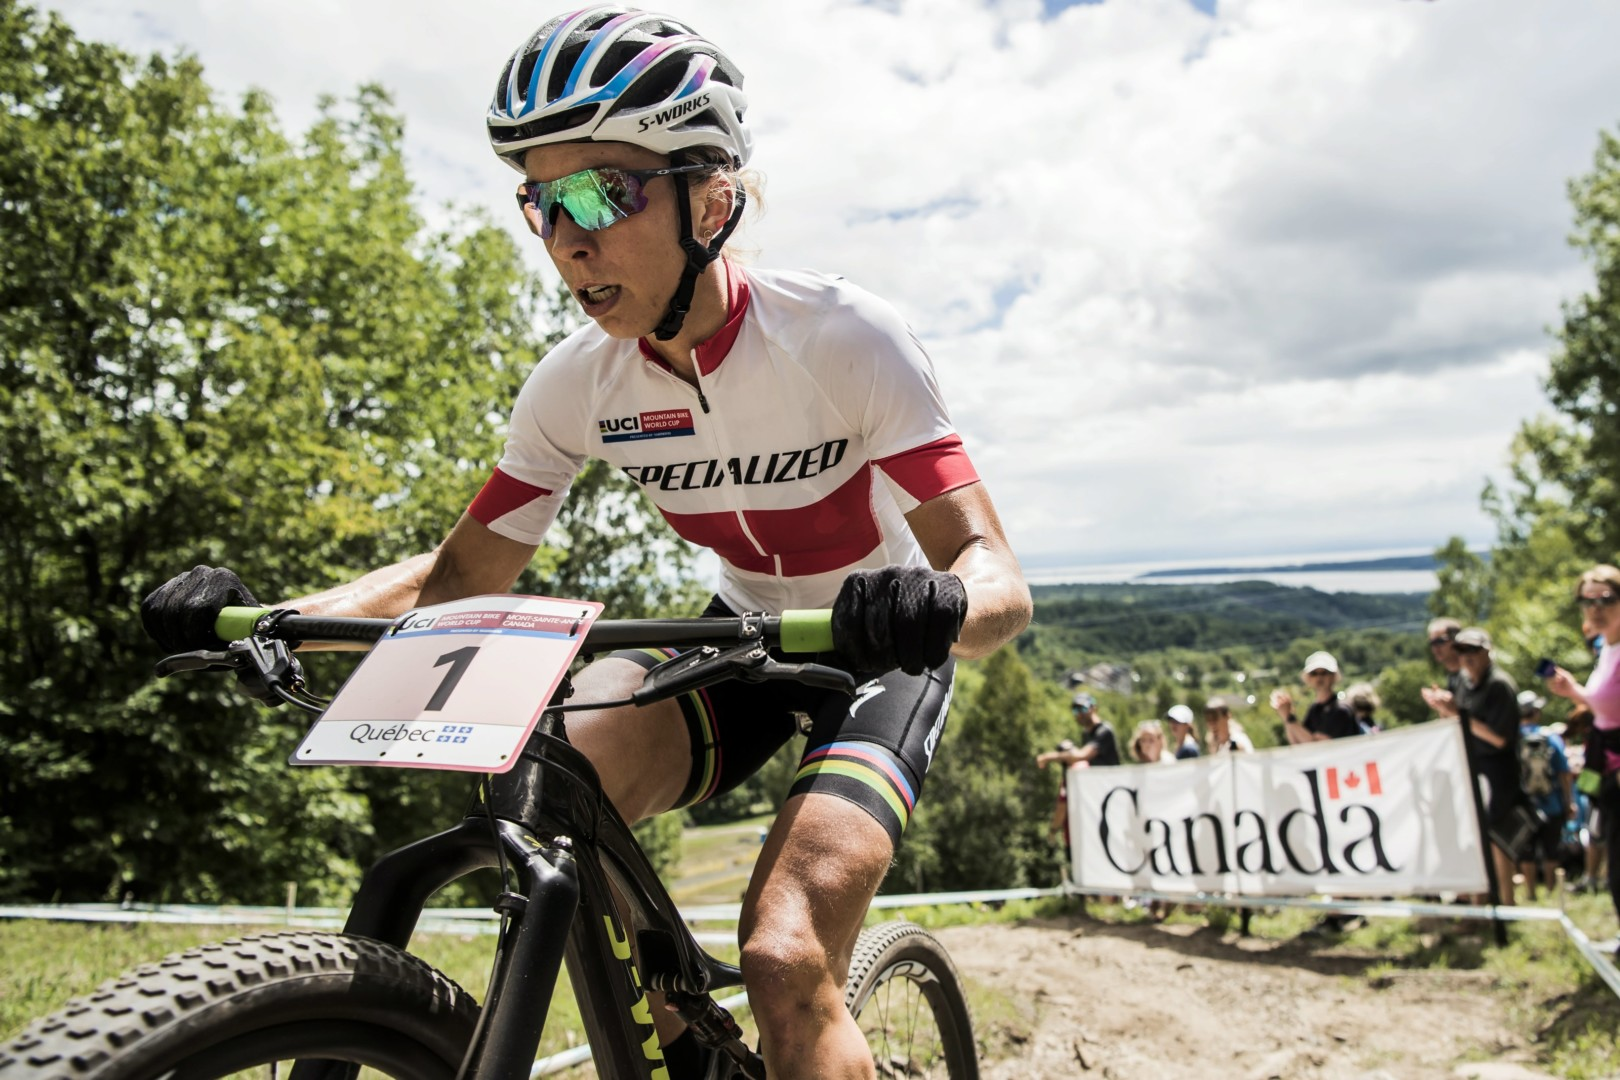 Annika Langvad UCI fot. Bartek Wolinski Red Bull Content Pool